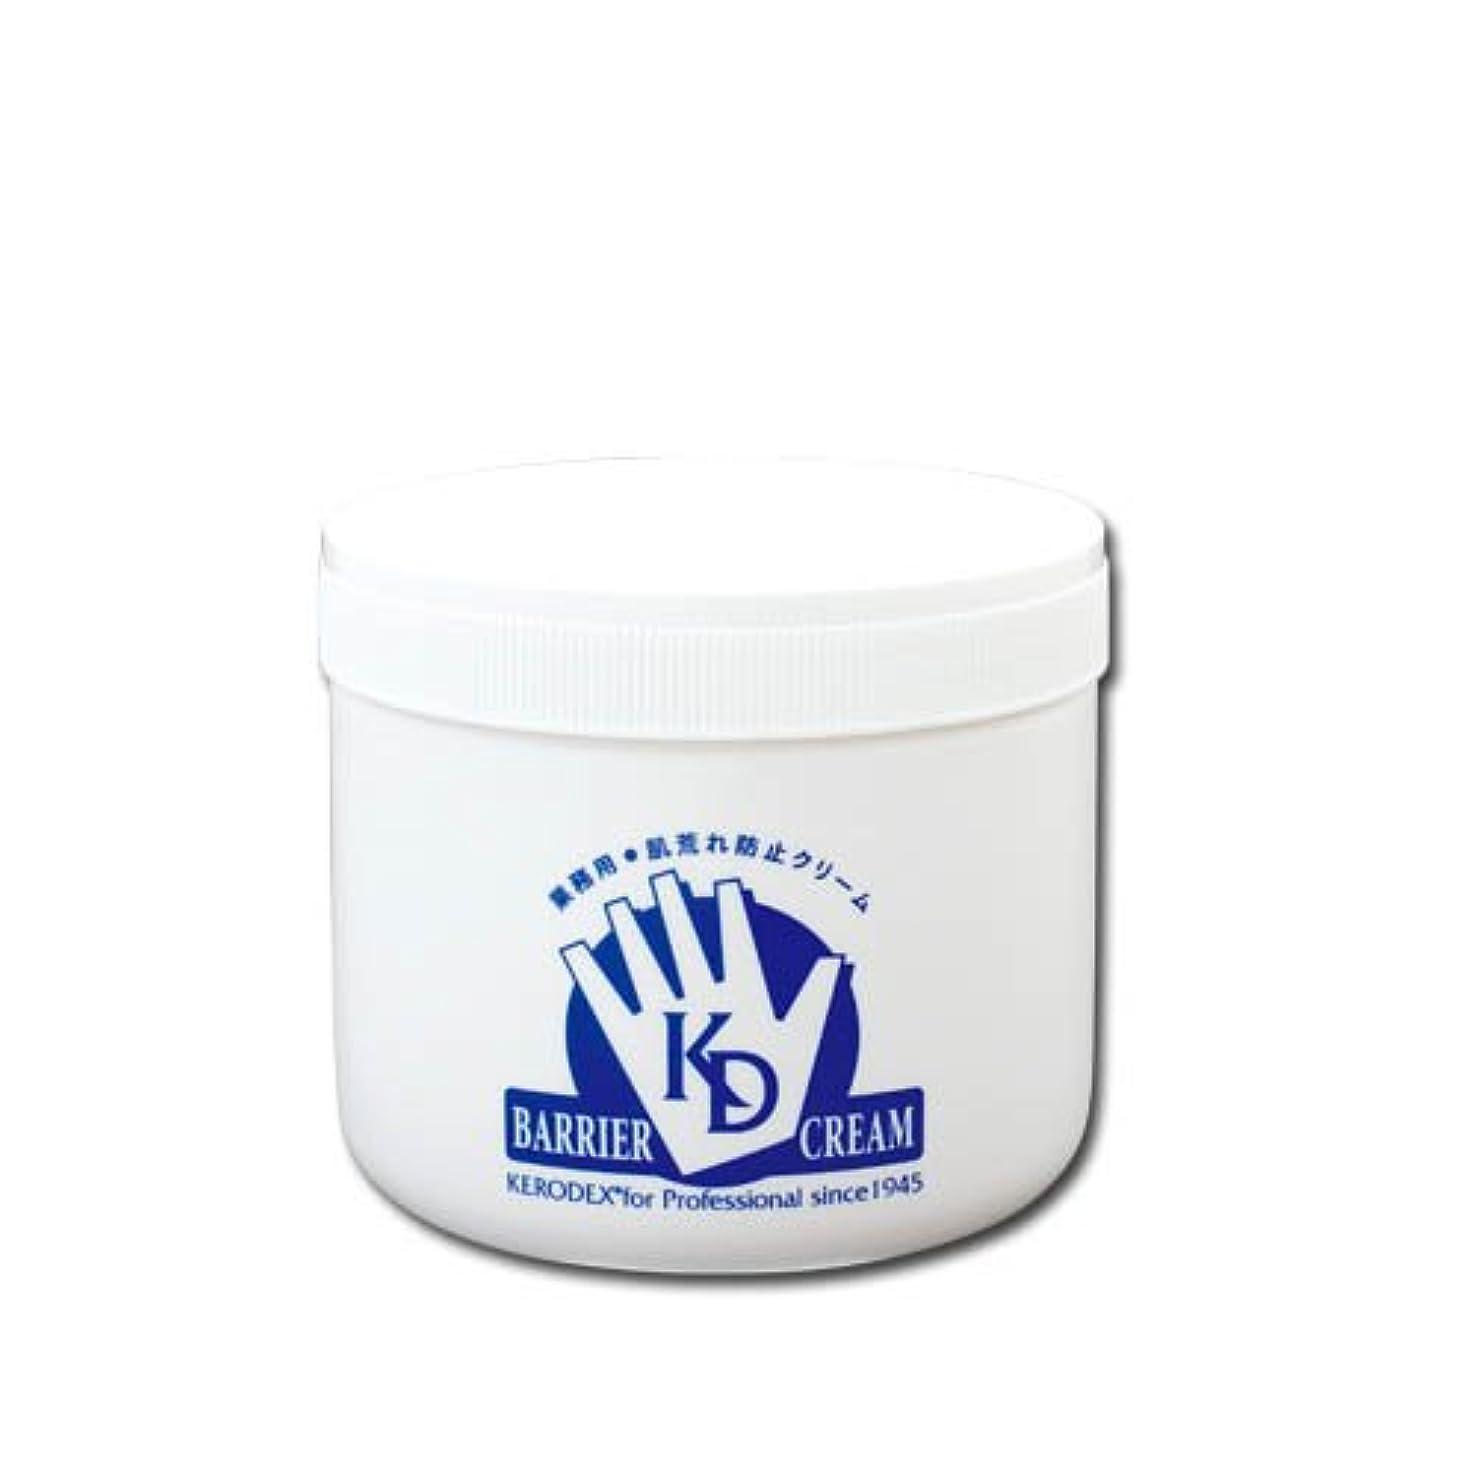 寝室を掃除する振動させる宝ケロデックスクリーム ジャータイプ 500g